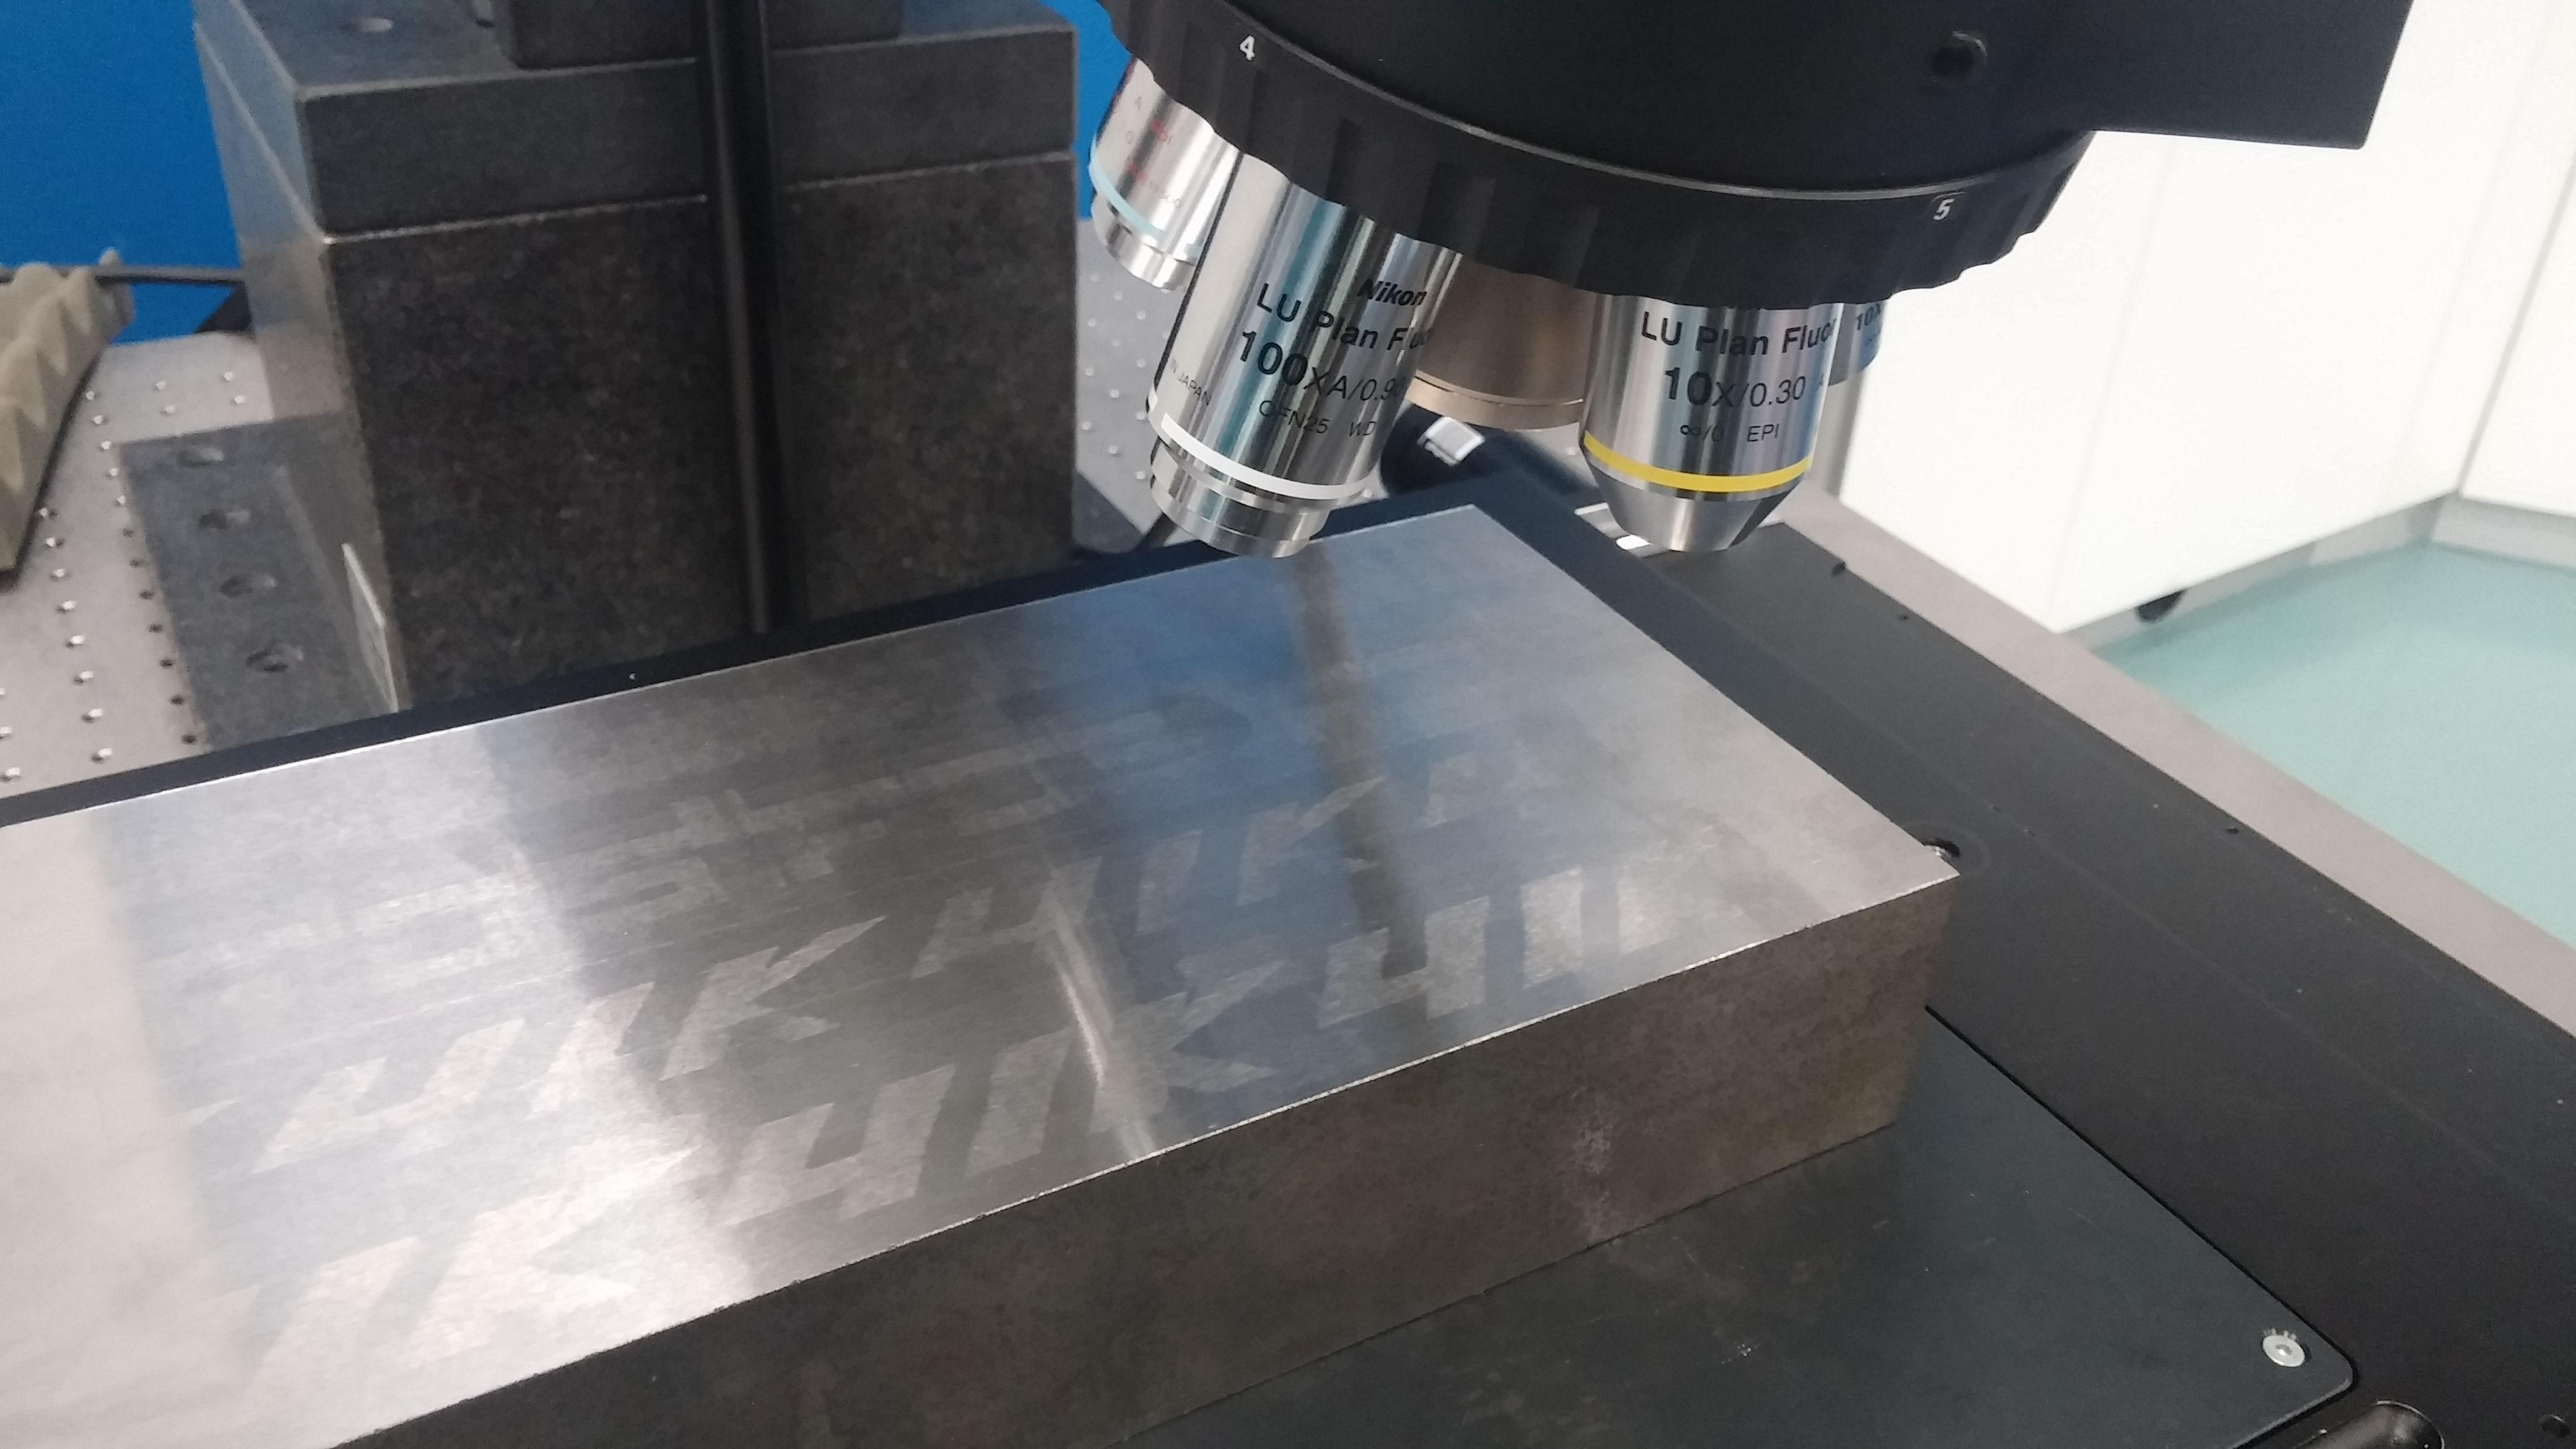 Teknologia aurreratua korrosioarekiko edo higadurarekiko erresistenteagoak diren industri piezak fabrikatzeko